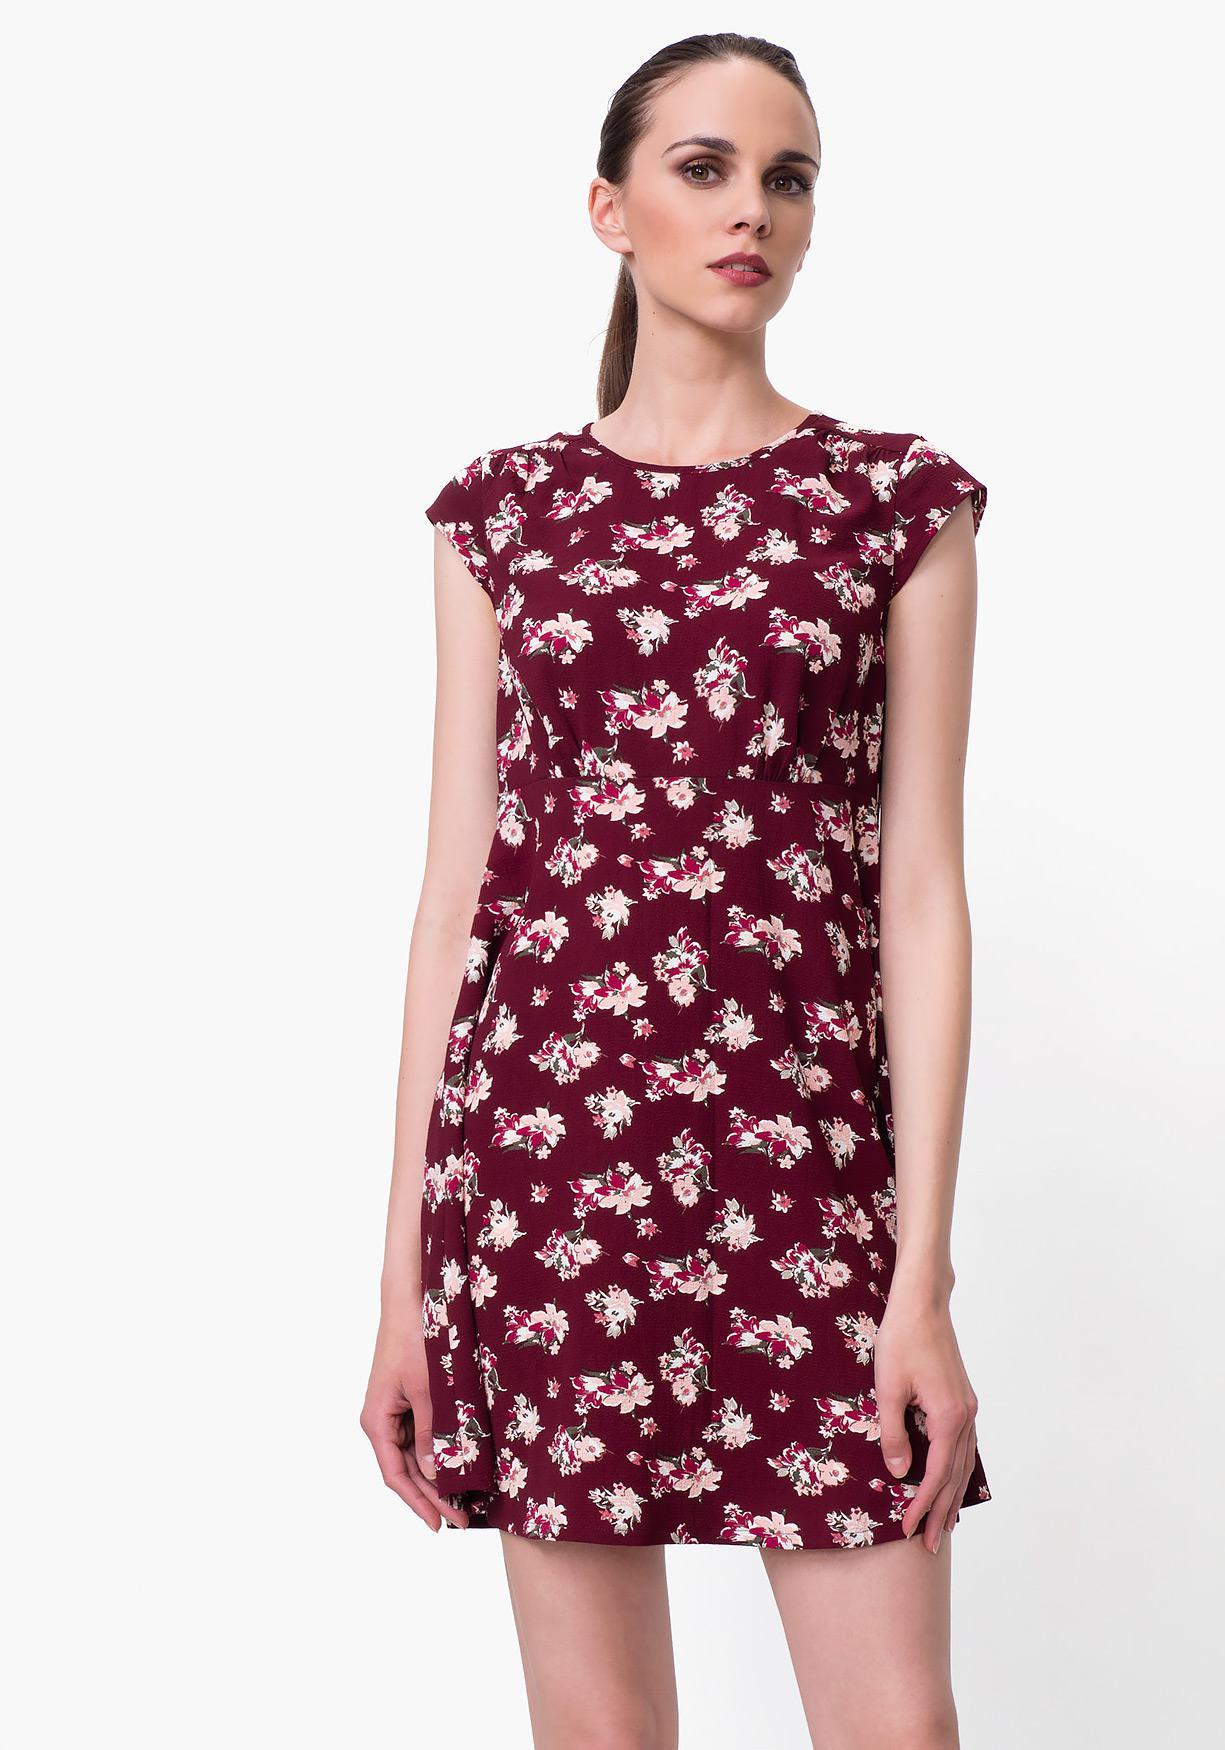 2b200de505732 Comprar Vestido de mujer corto estampado TEX. ¡Aprovéchate de ...